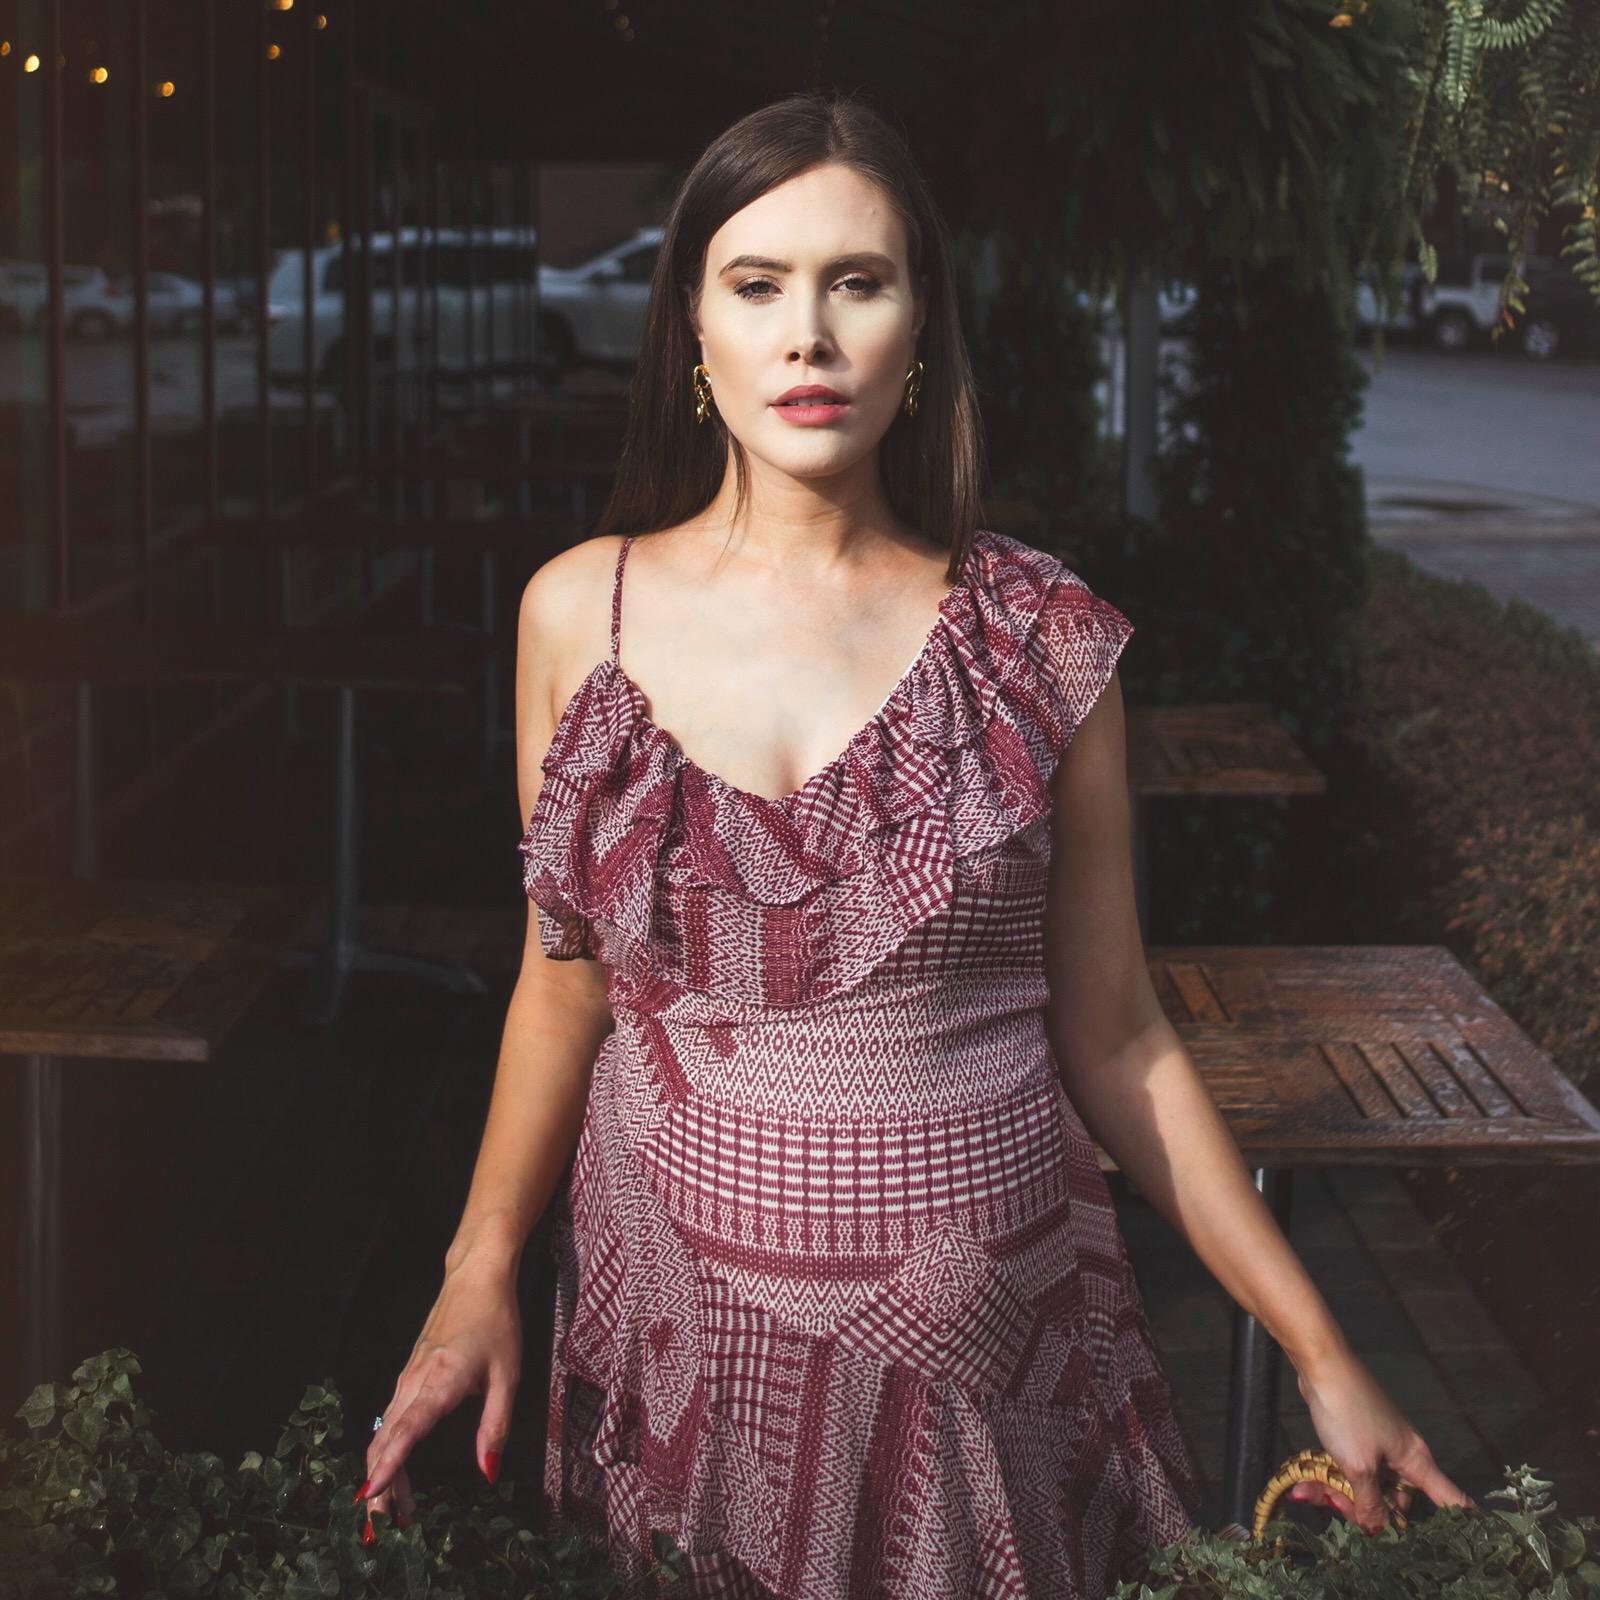 Manda Lee Smith | Evocatively Chosen.com